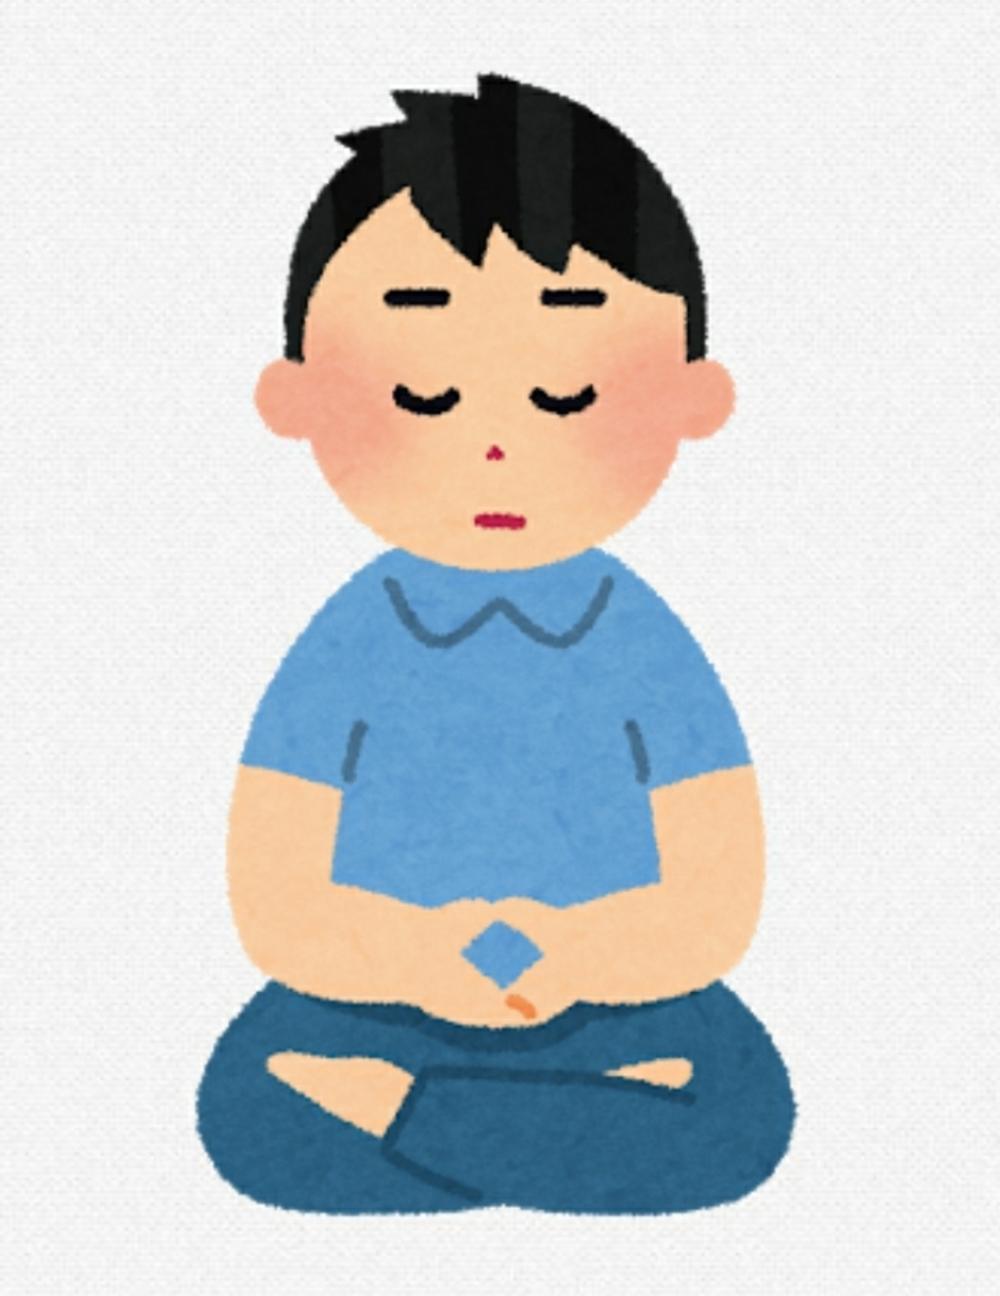 坐禅会で瞑想体験!